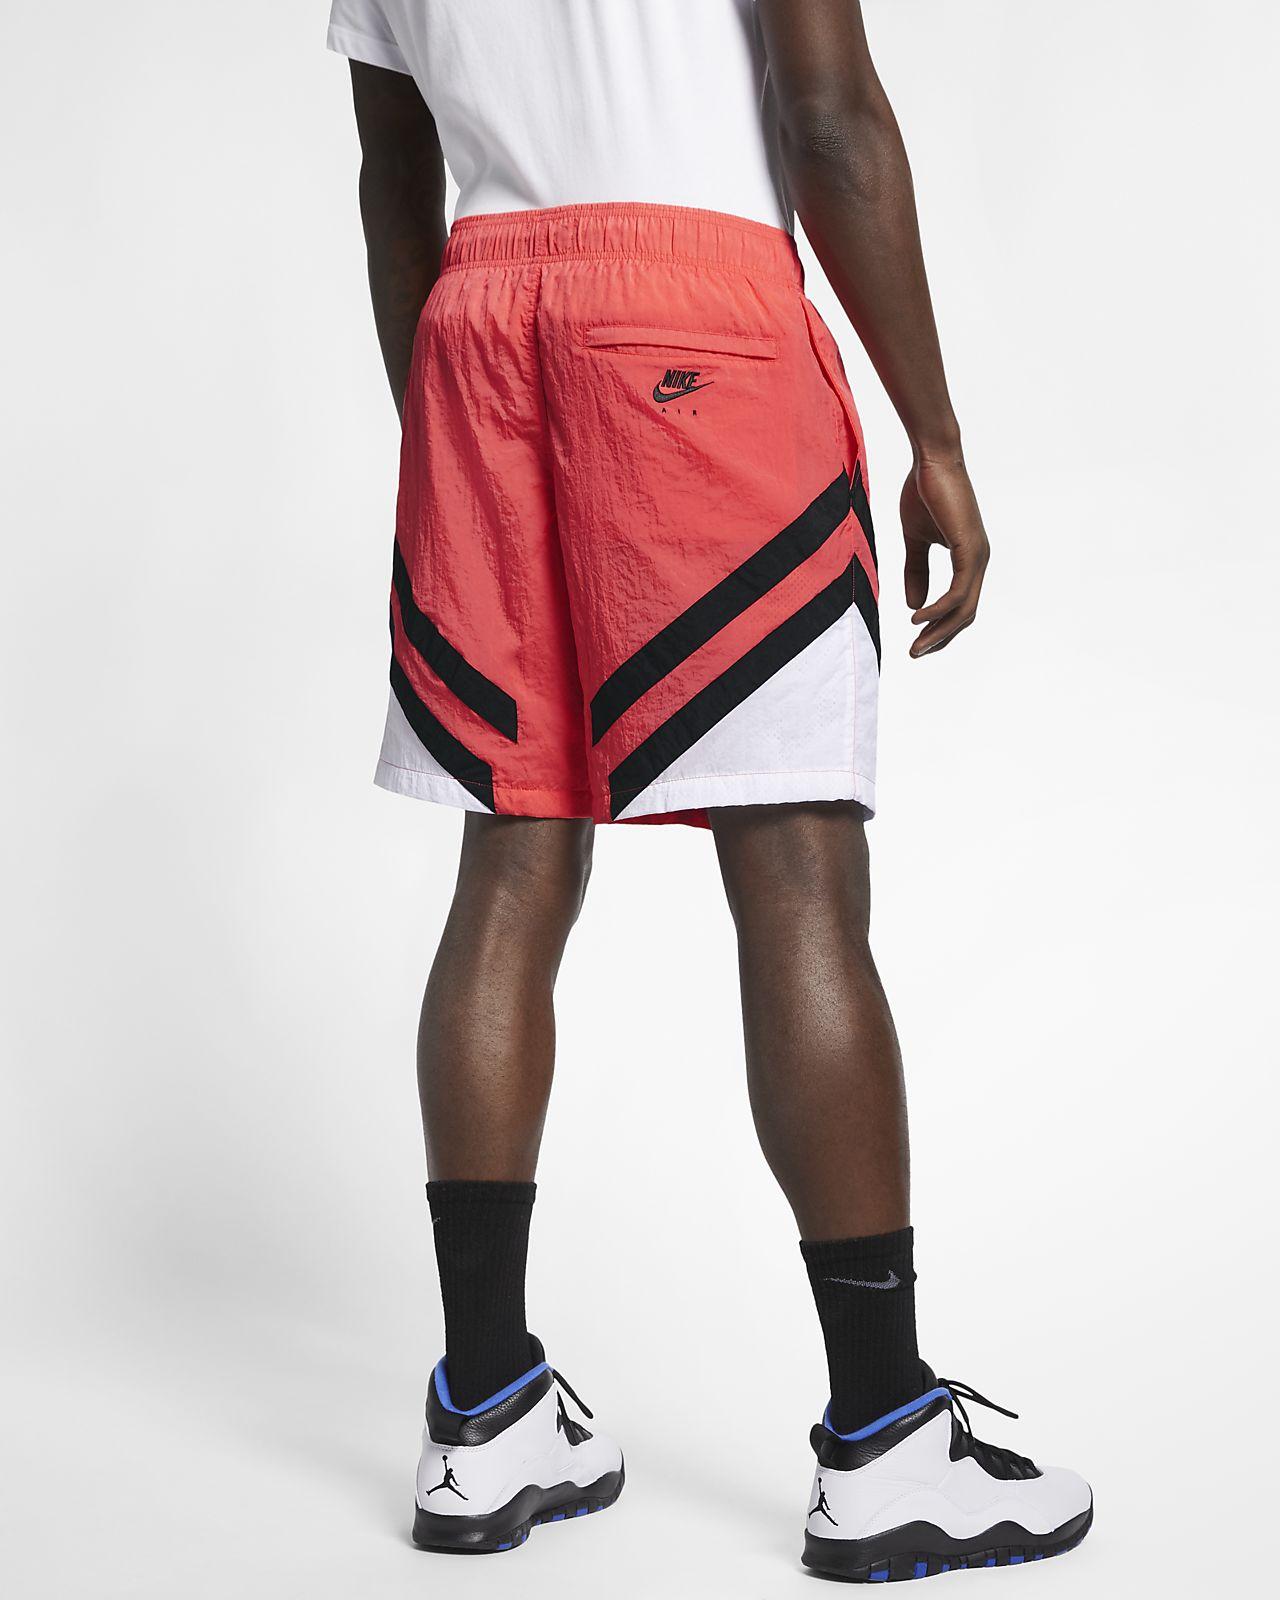 2ffe1e107df668 Jordan Legacy AJ 6 Men s Nylon Shorts. Nike.com CA